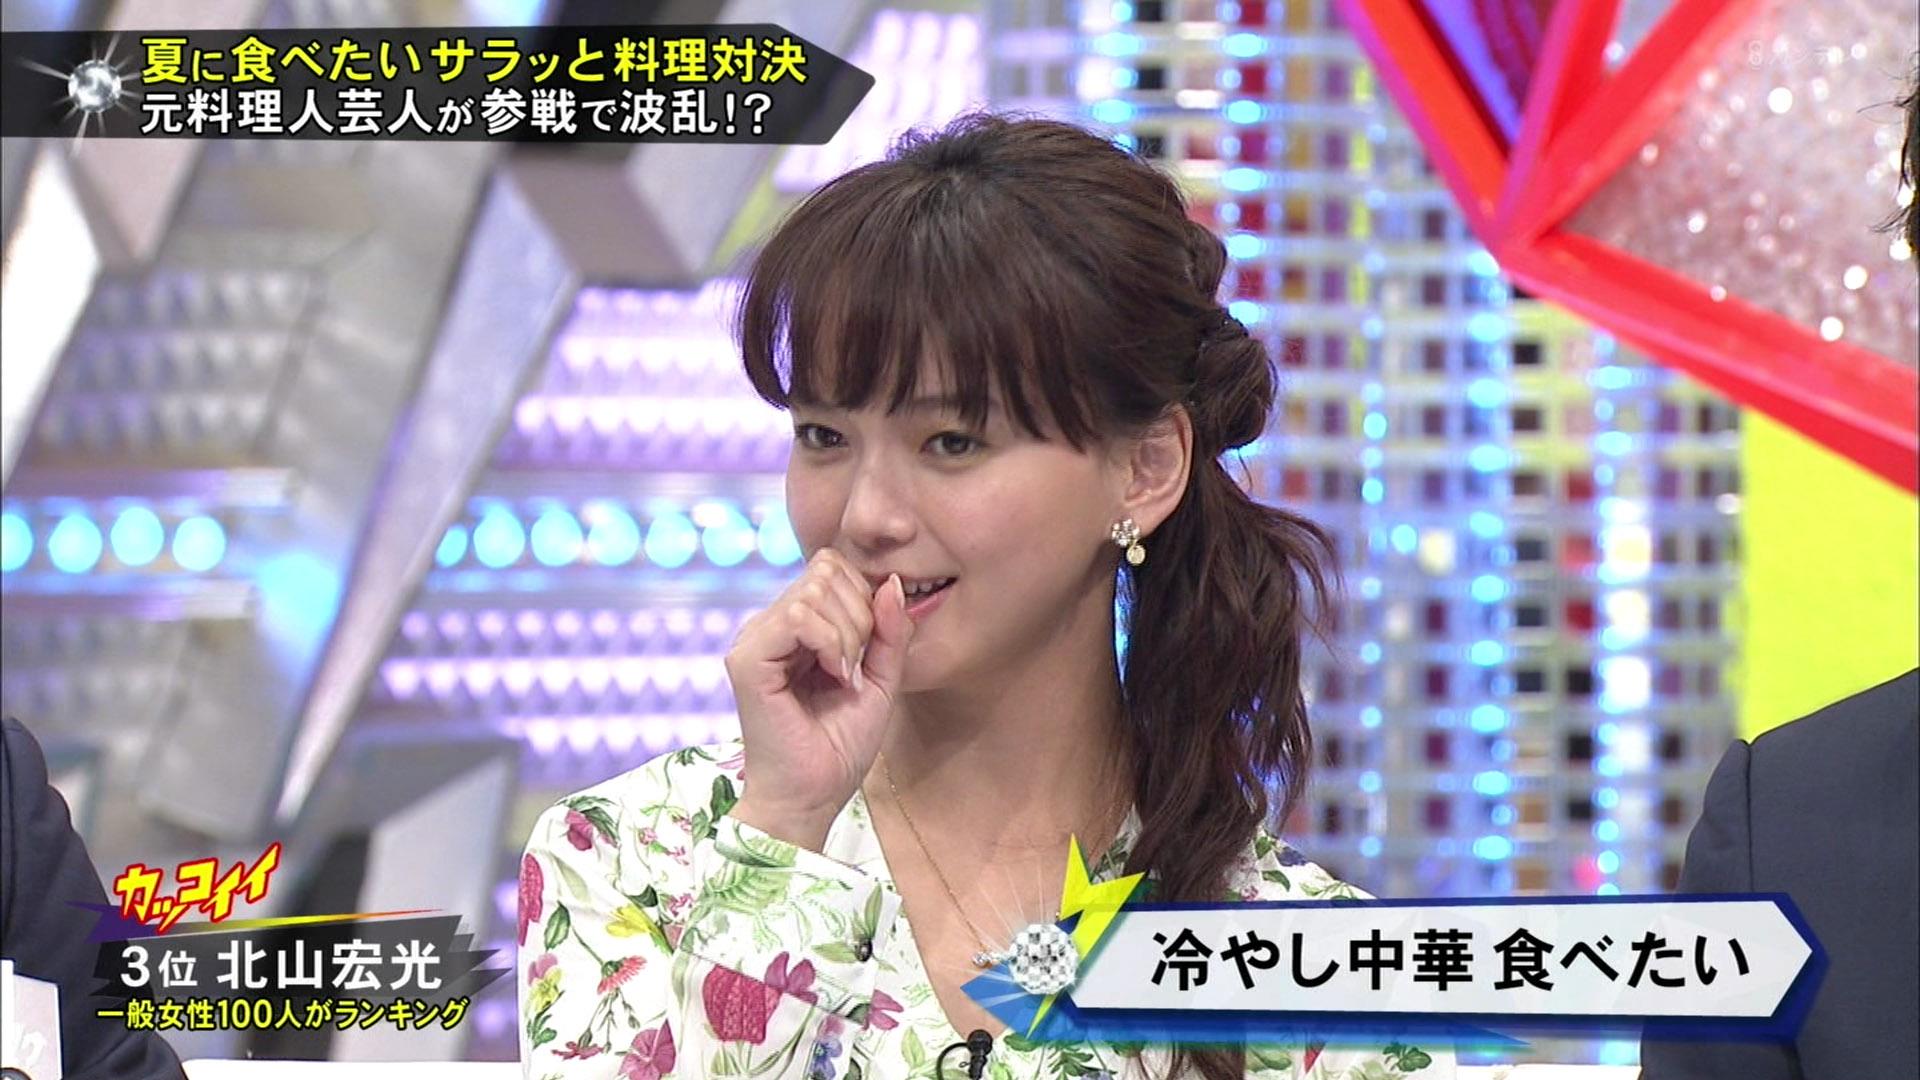 未華ちゃん は娘のように可愛い キスマイ Busaiku ふたたび